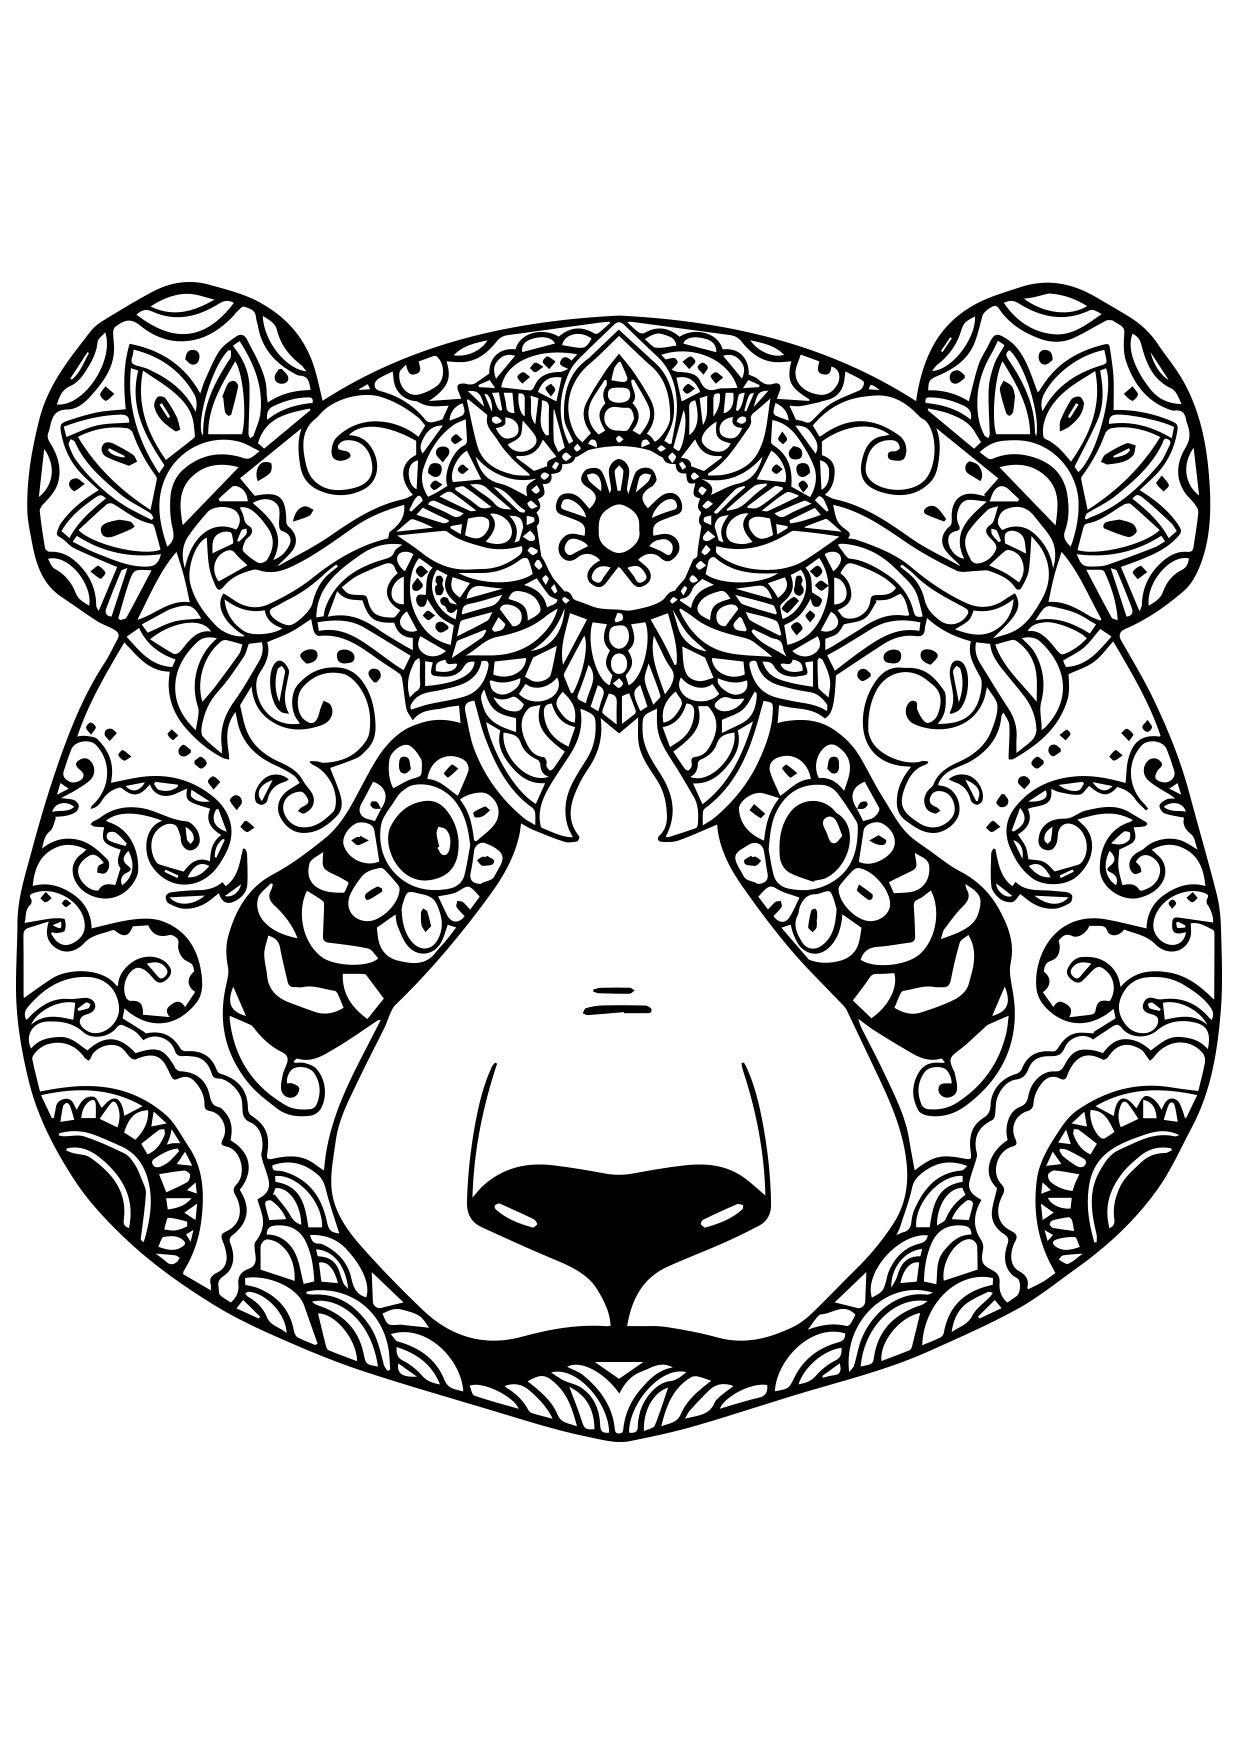 R sultat de recherche d 39 images pour mandala panda imprimer dibujo coloriage mandala - Coloriage panda roux mandala ...